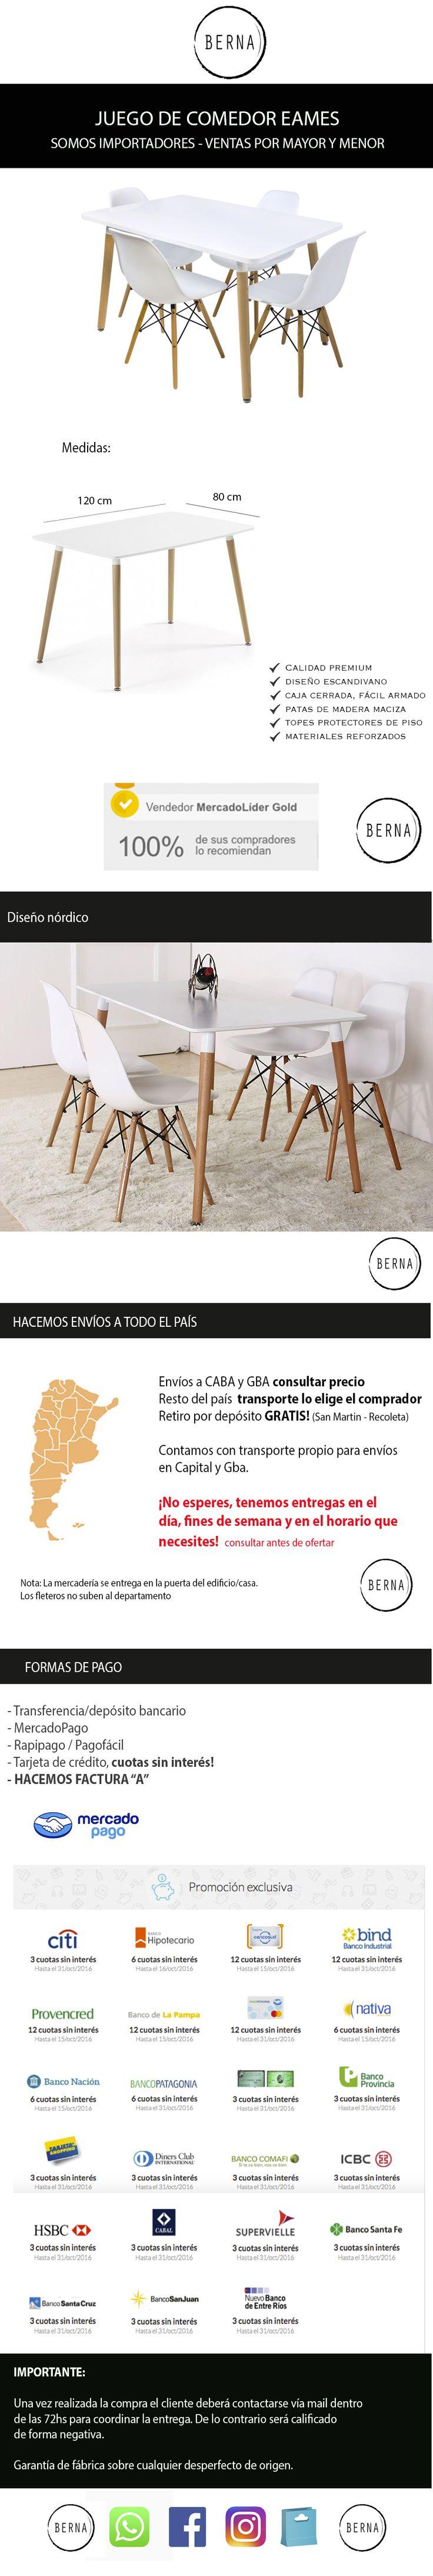 M s de 1000 ideas sobre juego de sillas de comedor en for Juego comedor diario